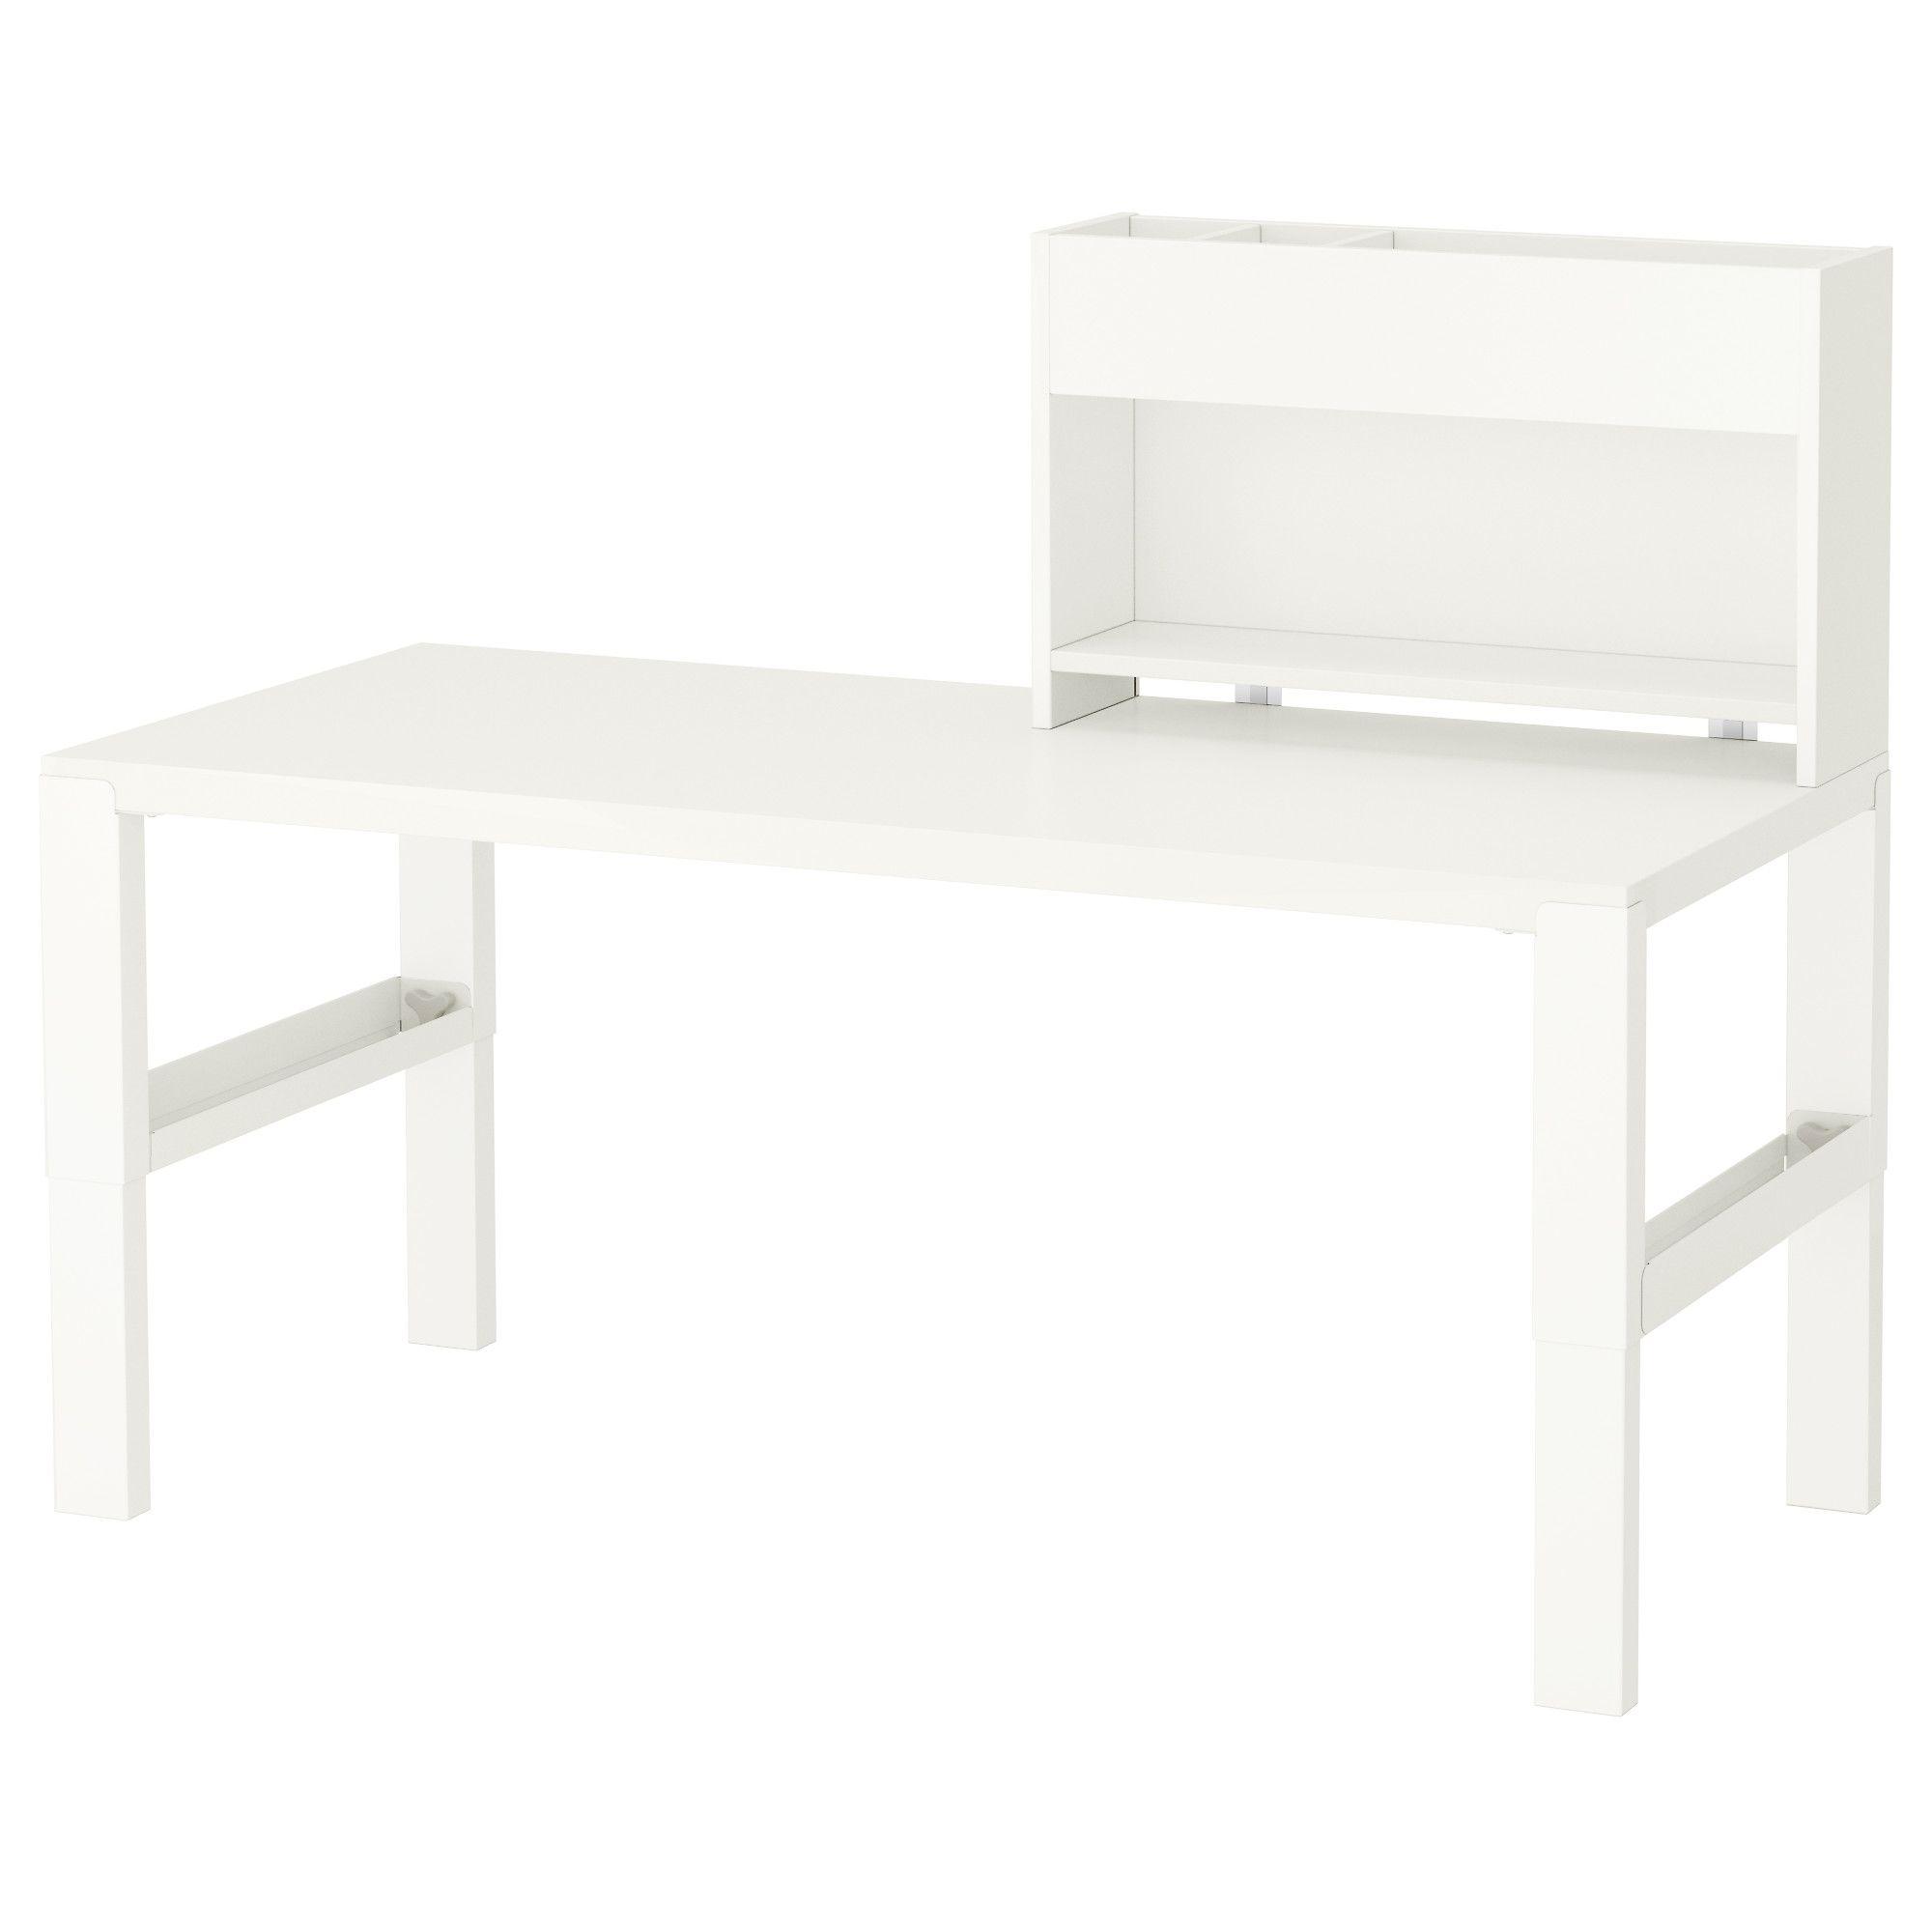 p hl schreibtisch mit aufsatz wei pinterest schreibtisch mit aufsatz der stil und aufsatz. Black Bedroom Furniture Sets. Home Design Ideas